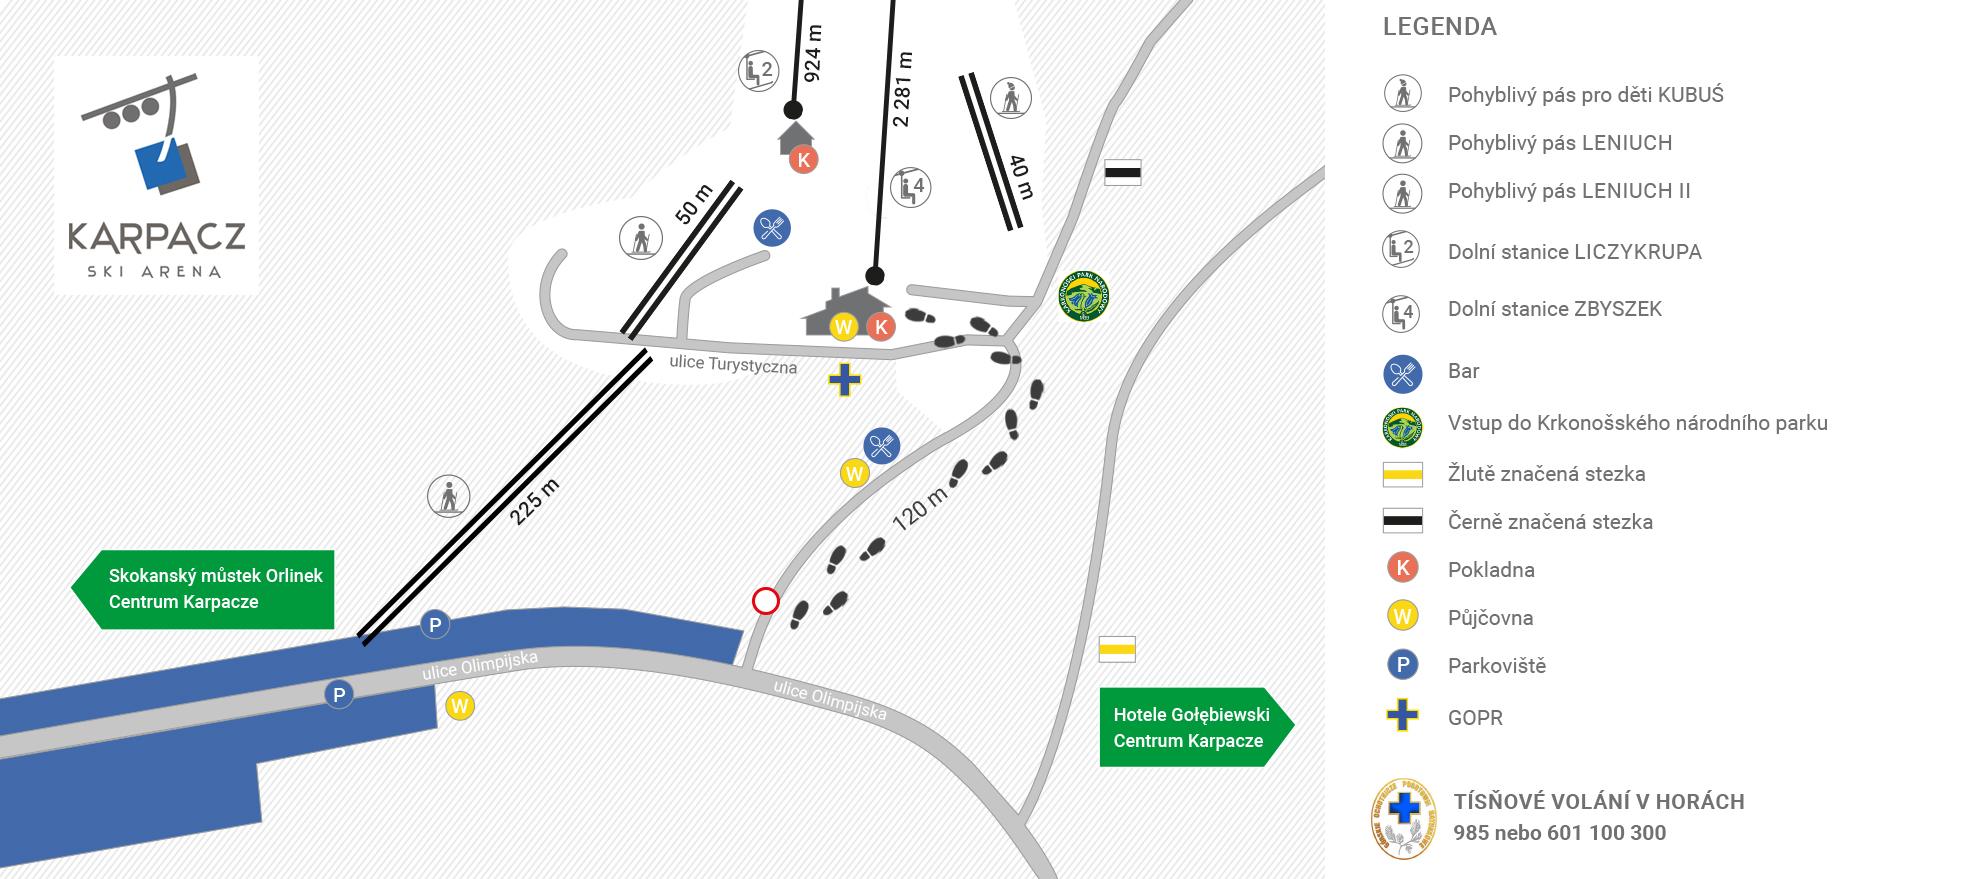 Karpacz Ski Arena_Mapa parkoviště a příjezd